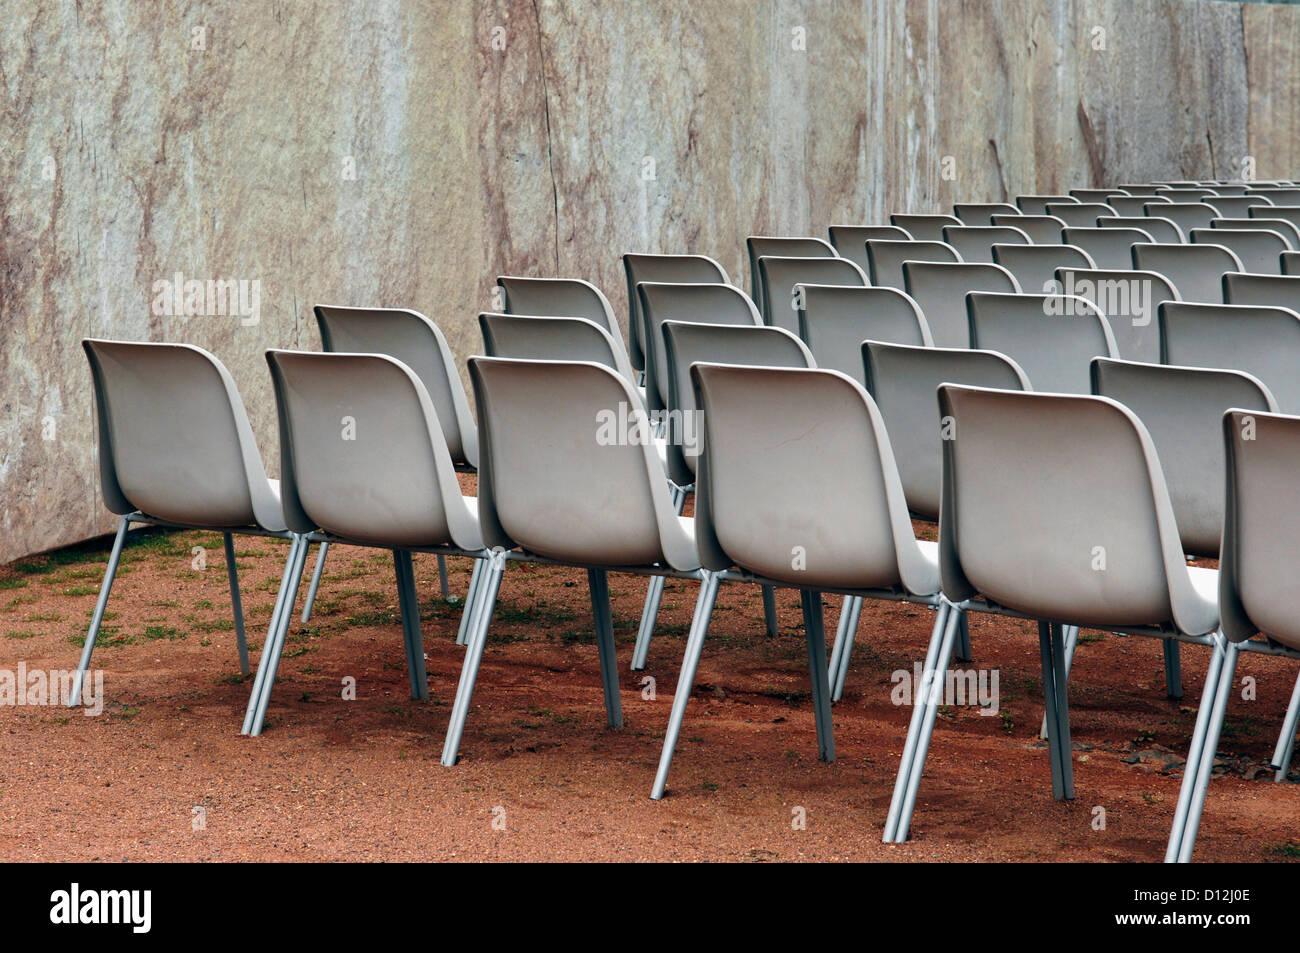 Für Air Stockfotosamp; Open Stuhlreihe Veranstaltung yf6bY7g